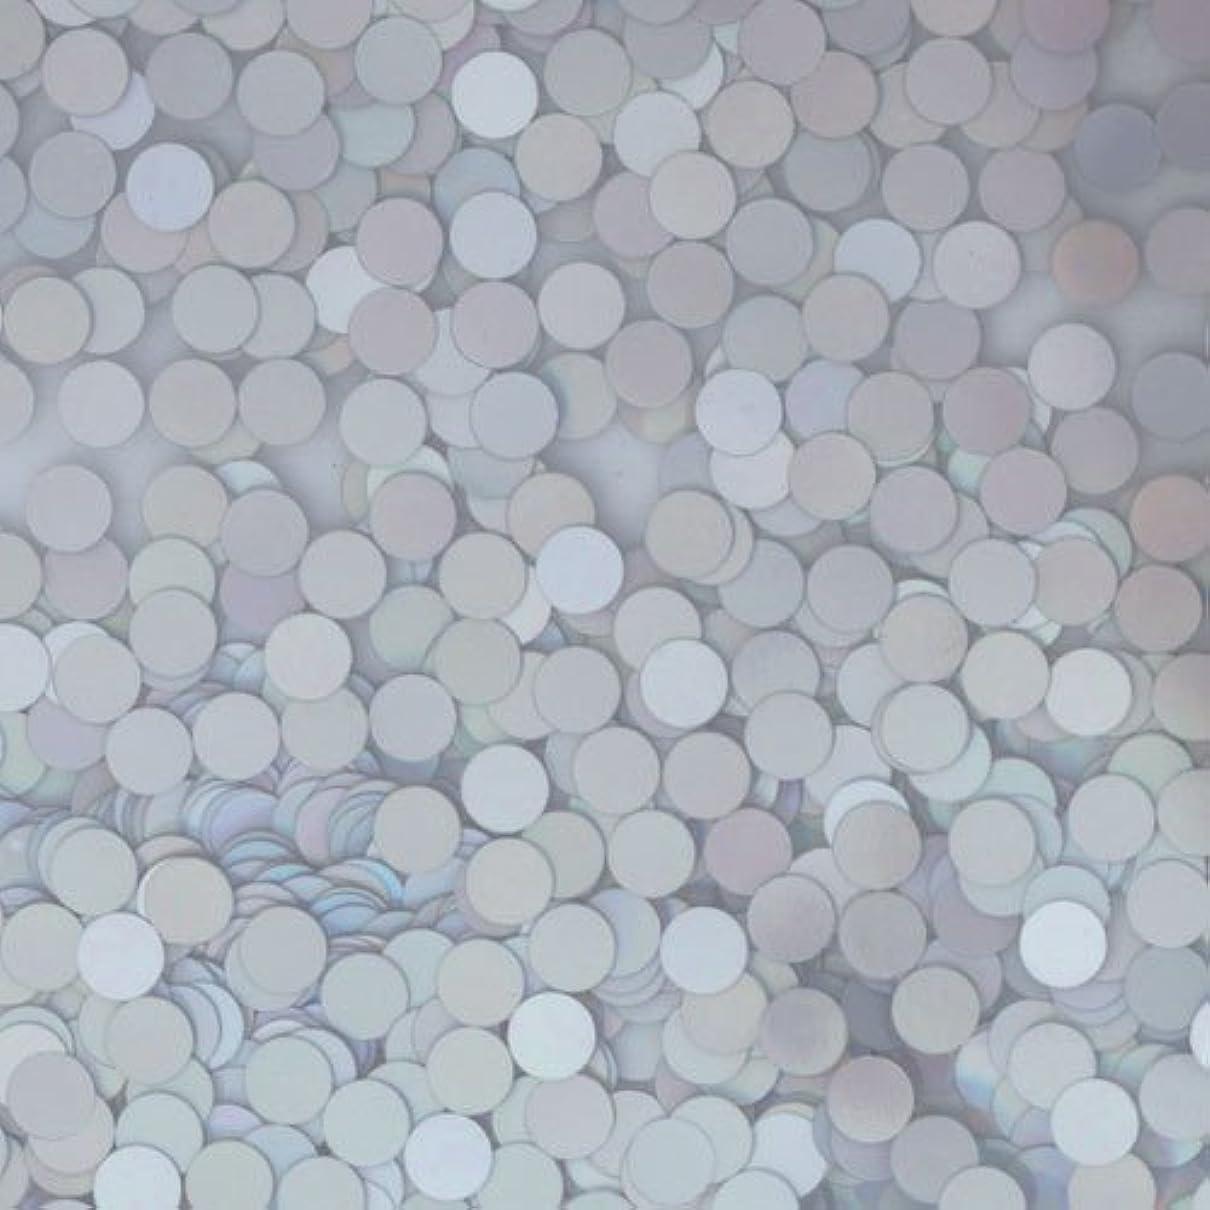 潤滑する過剰箱ピカエース ネイル用パウダー ピカエース 丸ホロ 1.5mm #883 マットシルバー 0.5g アート材